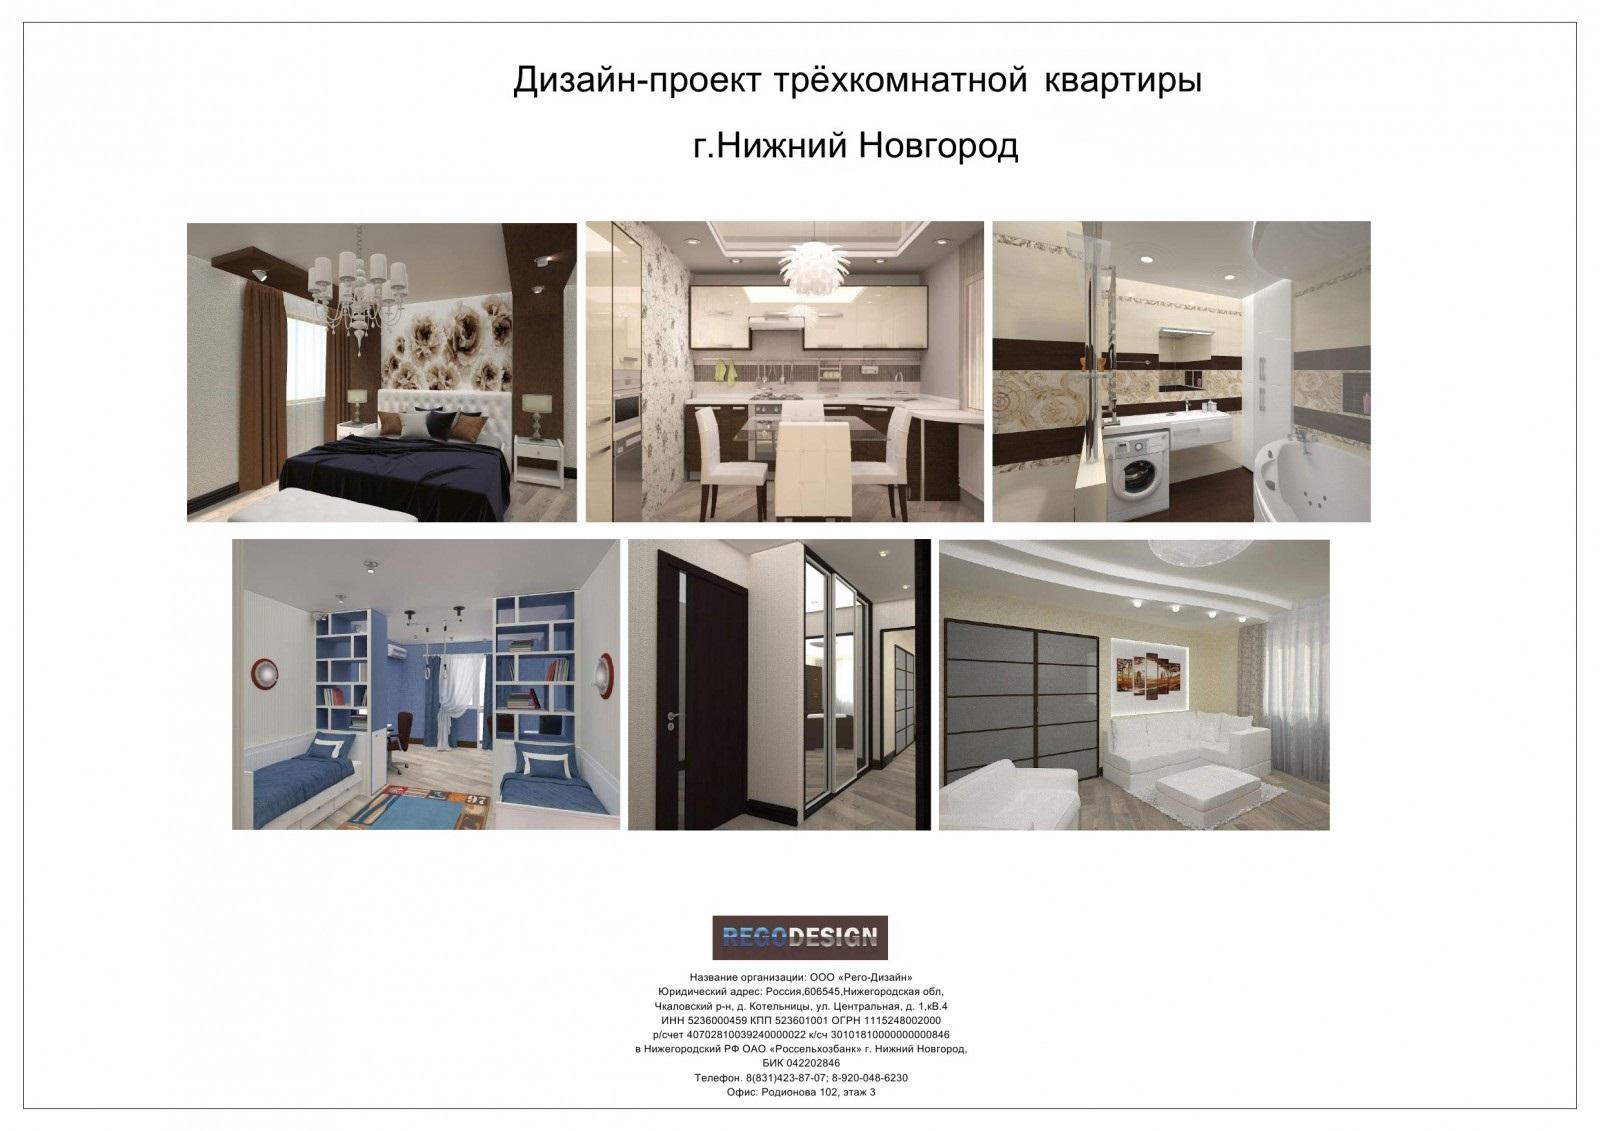 Дизайн проект отзывы о компании